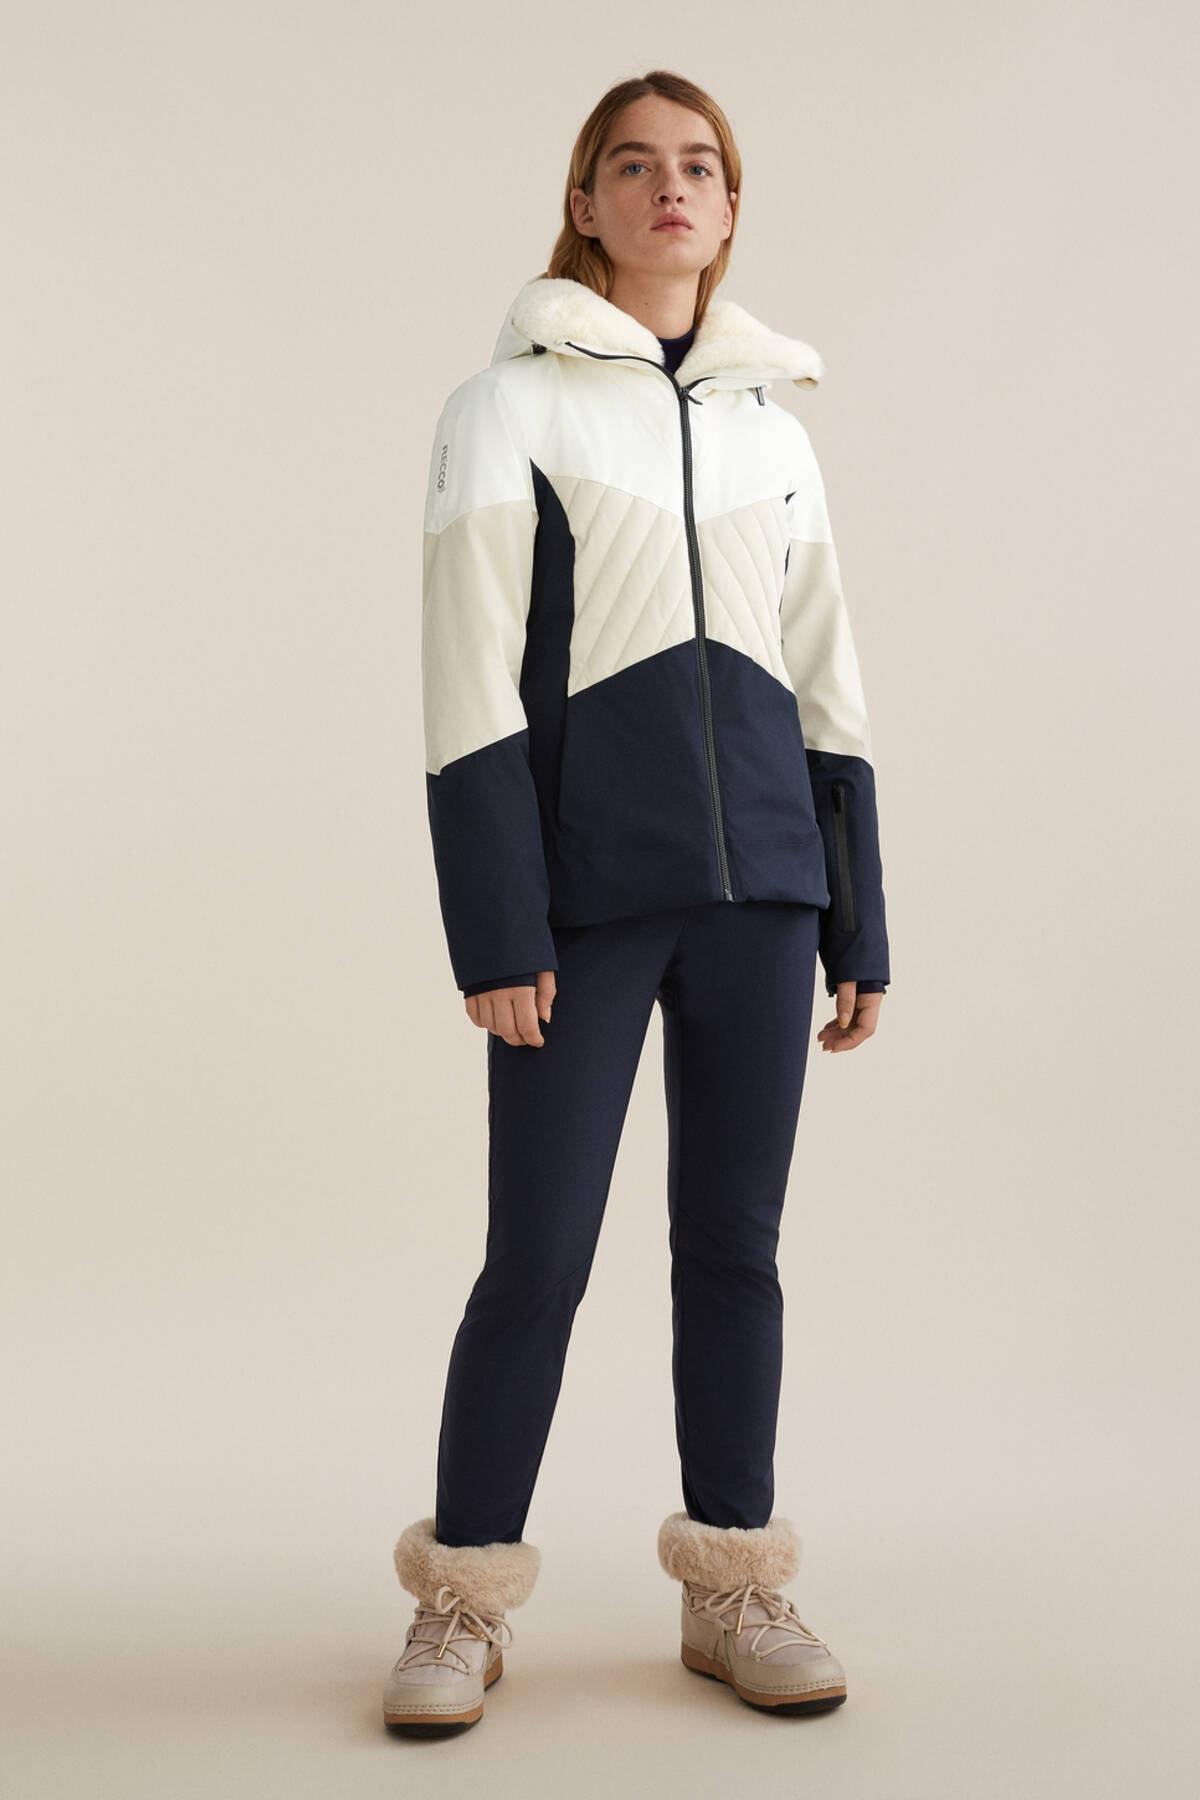 Oysho Kadın Deniz Mavisi Dolgulu Panelli Recco® Kayak Montu 2